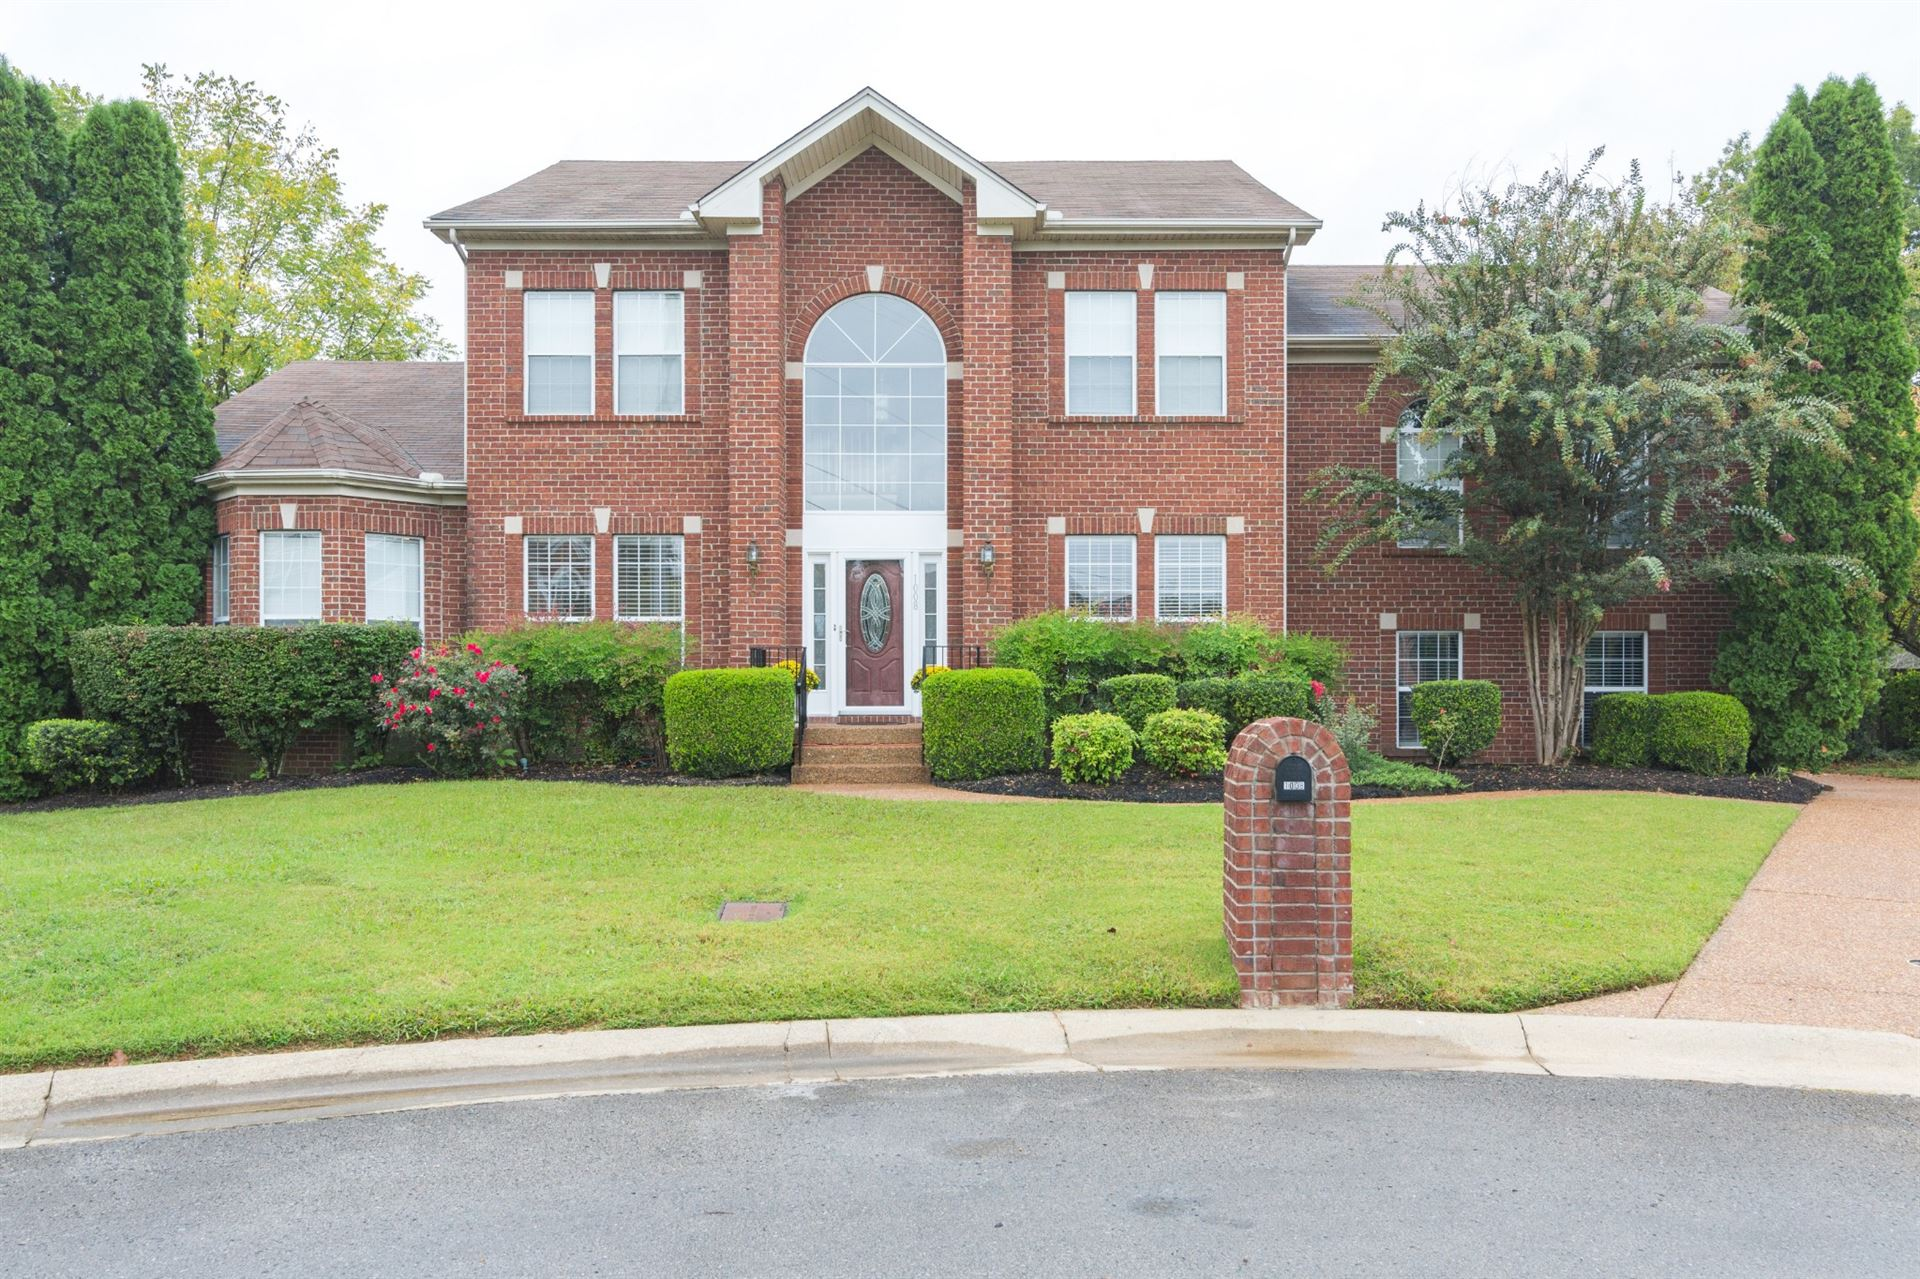 1008 Huntmaster Cir, Nashville, TN 37211 - MLS#: 2207001